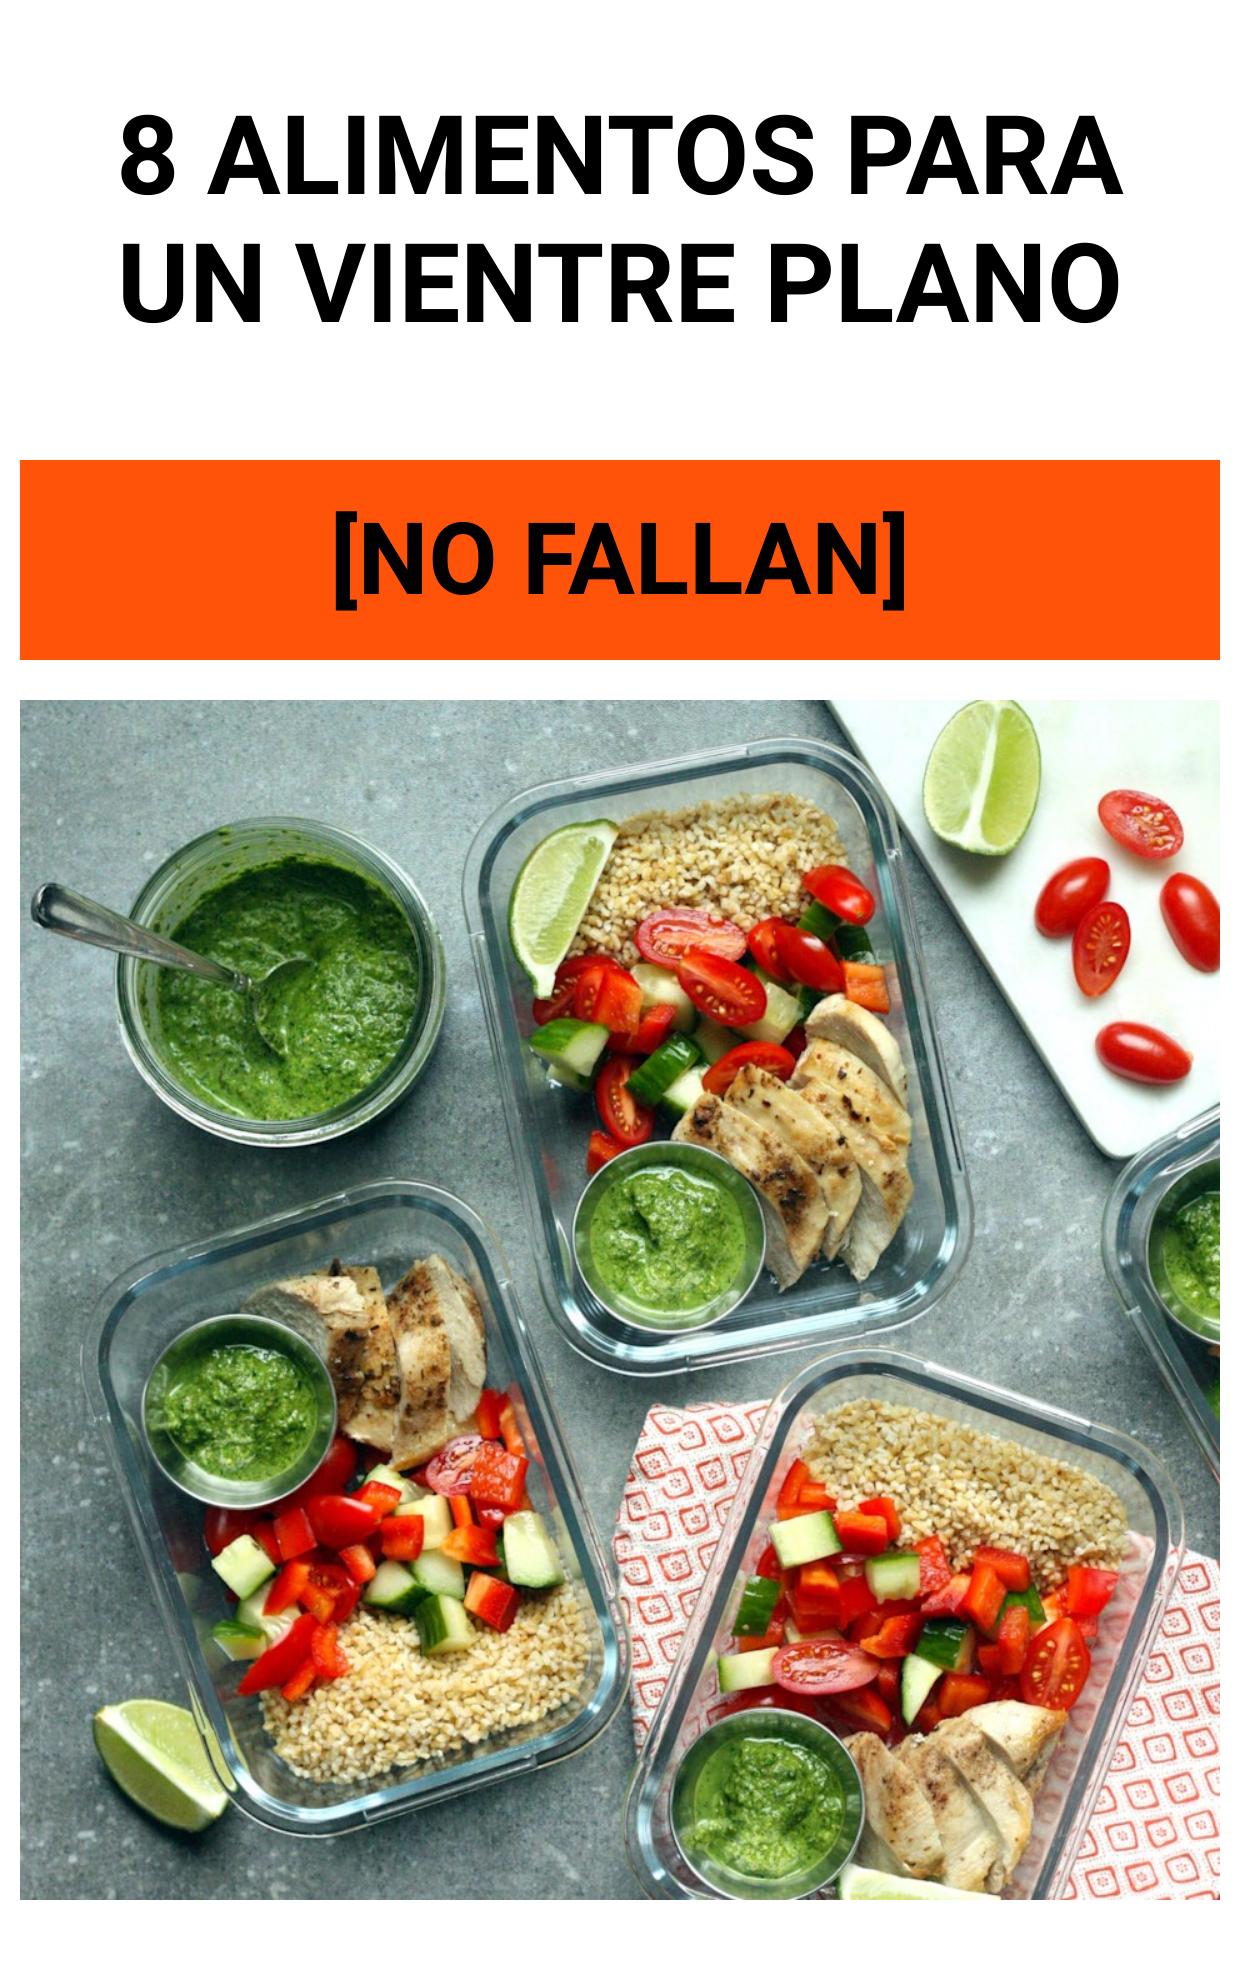 8 Alimentos para un VIENTRE PLANO